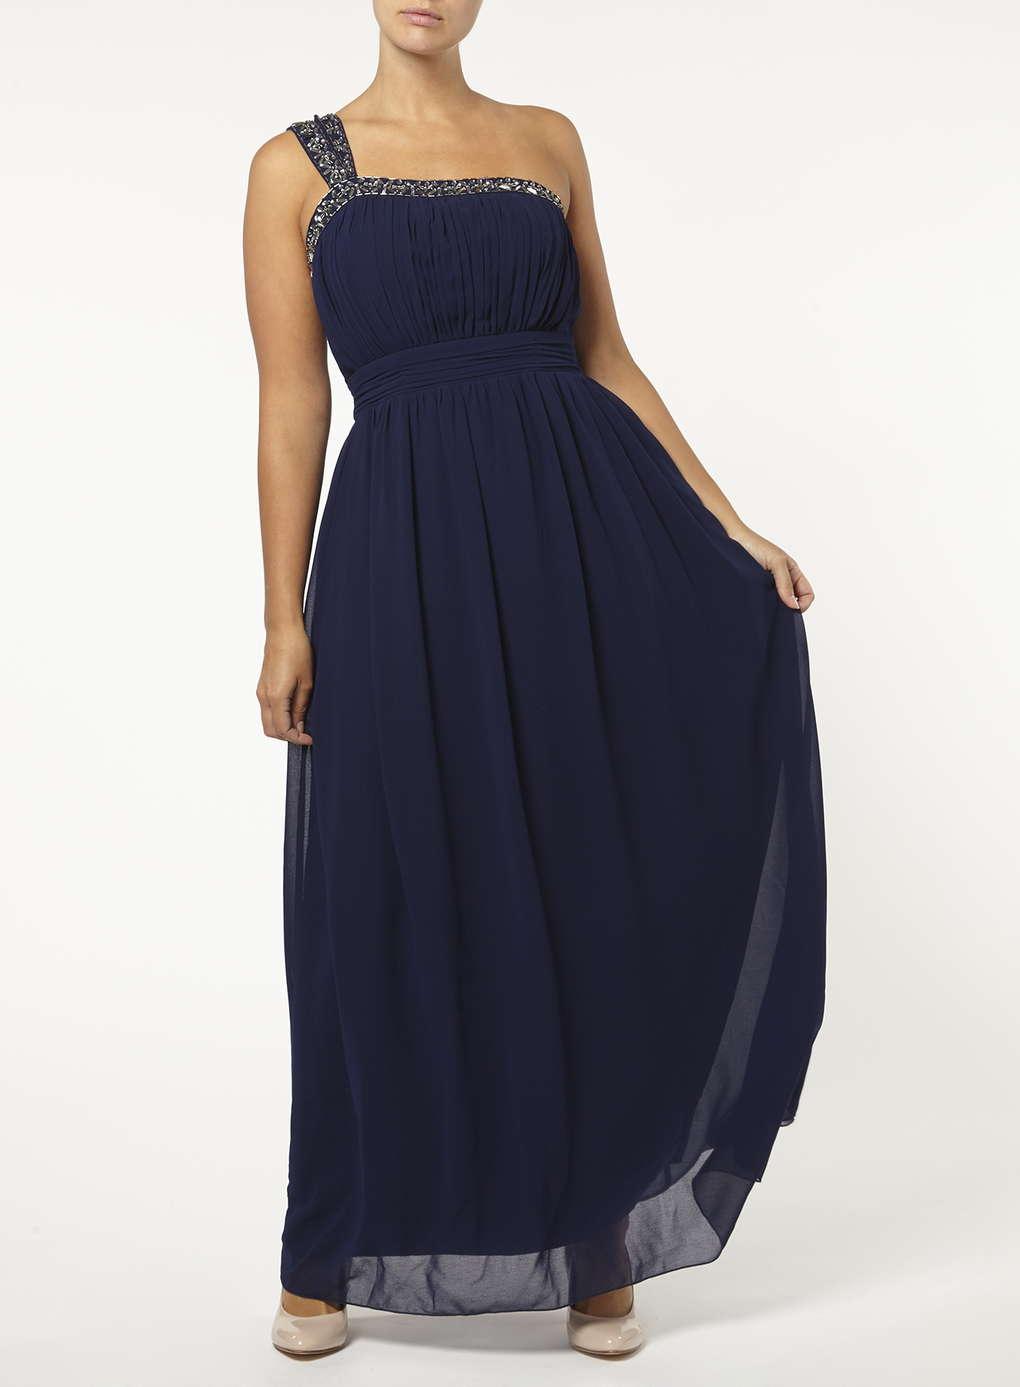 Büyük Beden Uzun Abiye Elbise Modelleri - Gece Elbiseleri - plus size dresses (24)